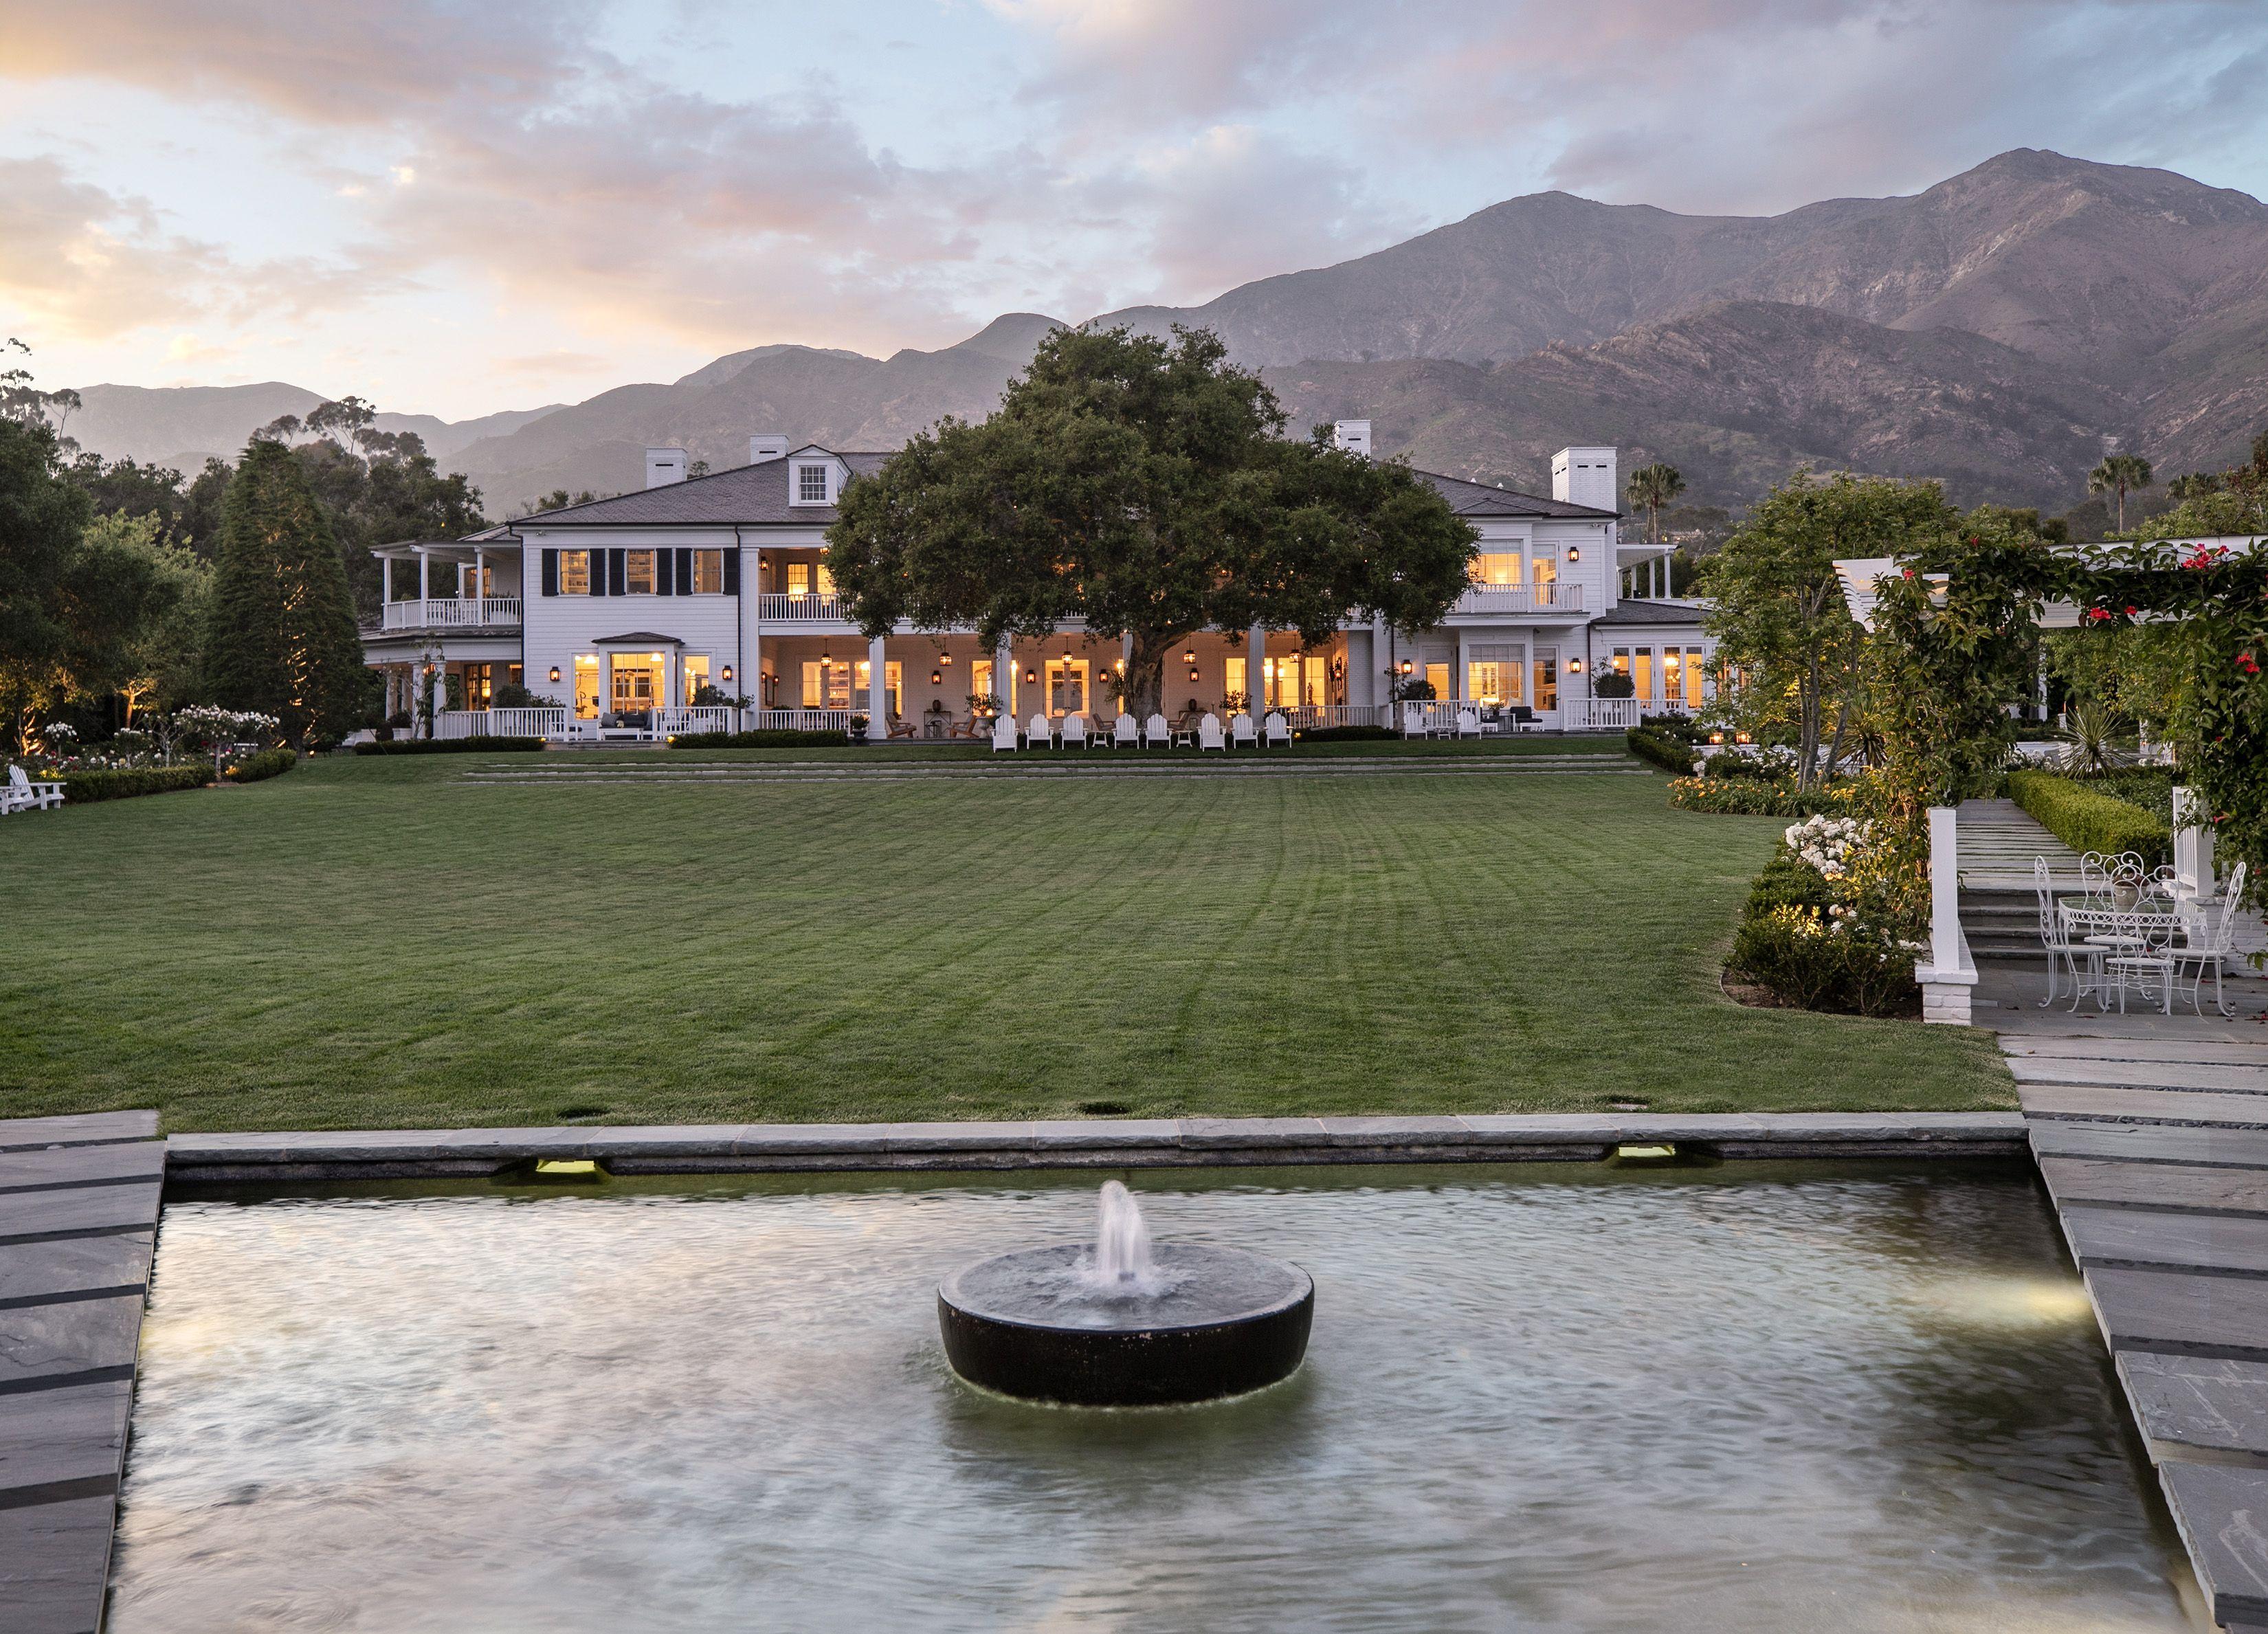 La casa de Rob Lowe en California